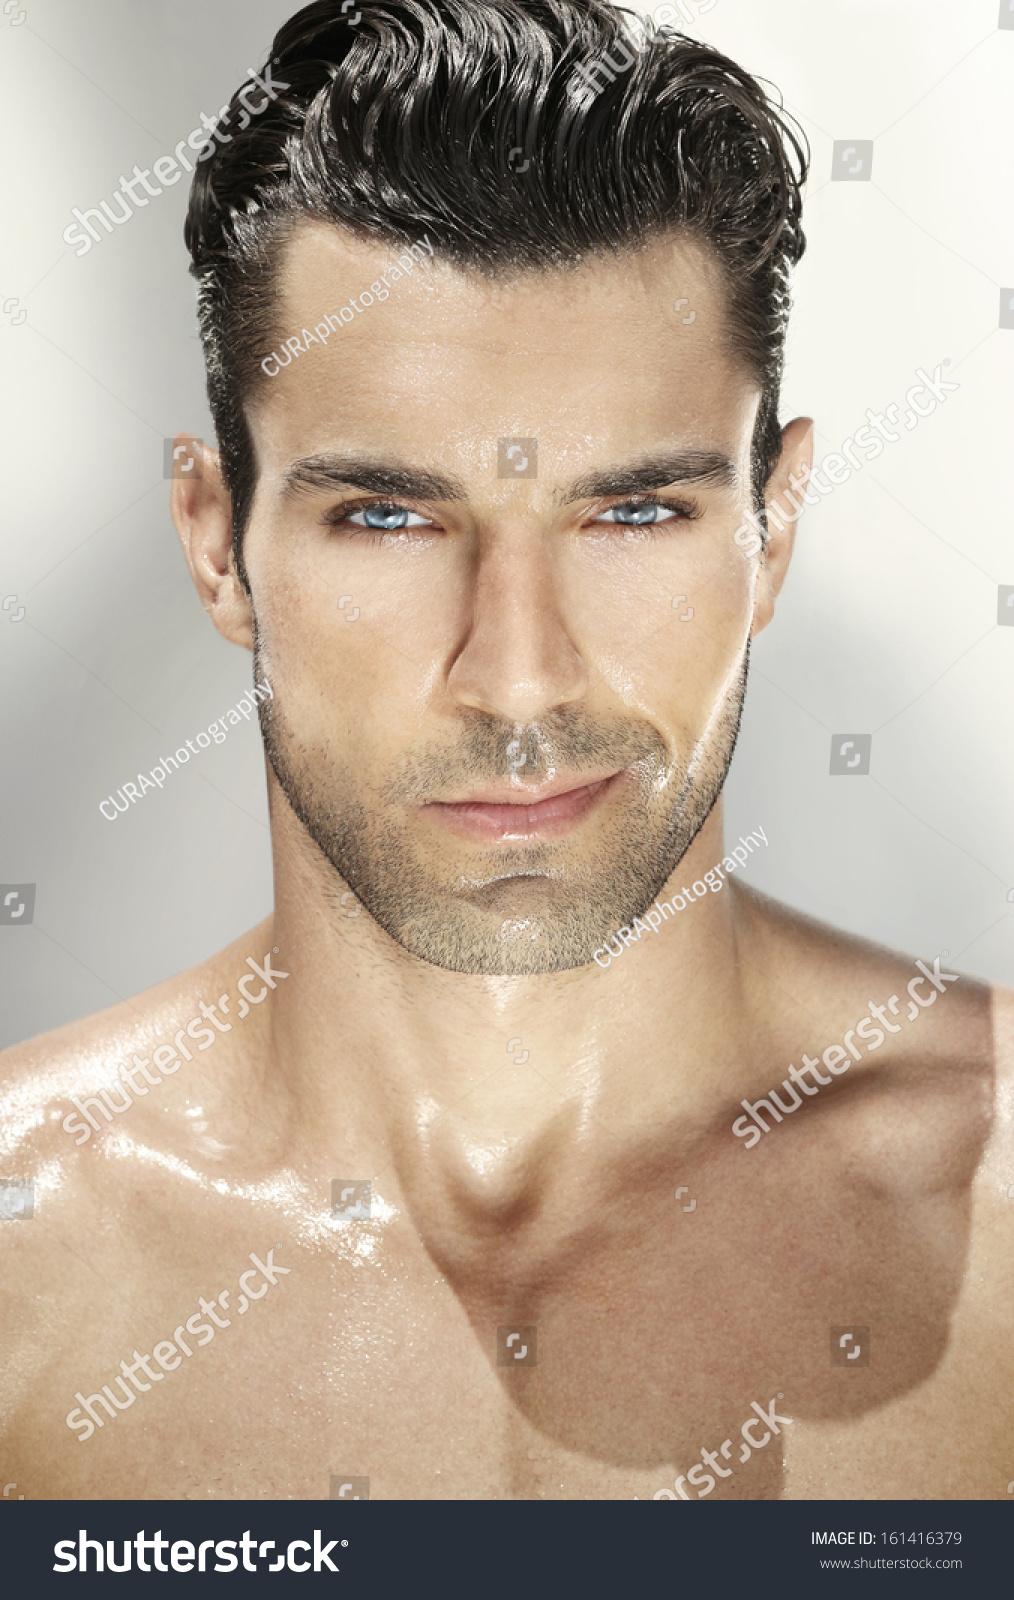 Artigo De Andre Lima: Por Quê Eu Não Consigo Emagrecer? stock-photo-close-up-portrait-of-a-very-handsome-man-161416379